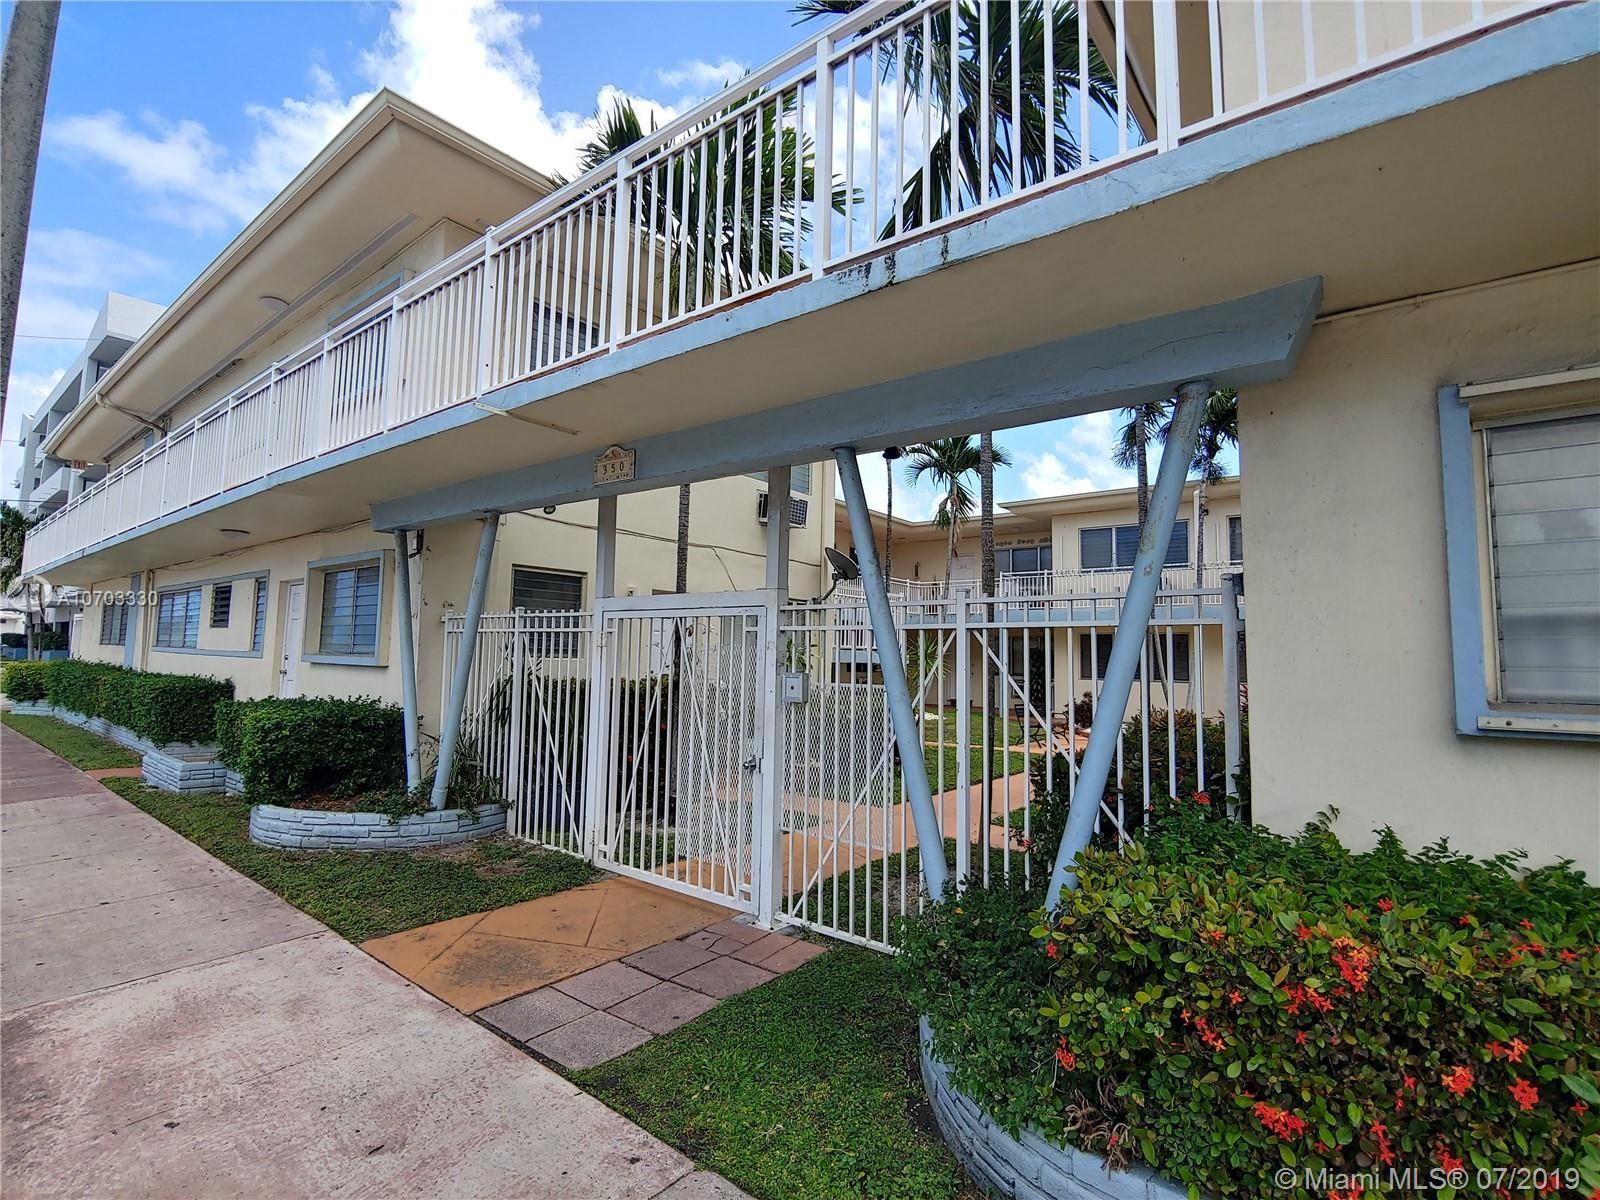 350 75 ST #205, Miami Beach, FL 33141 - #: A10703330